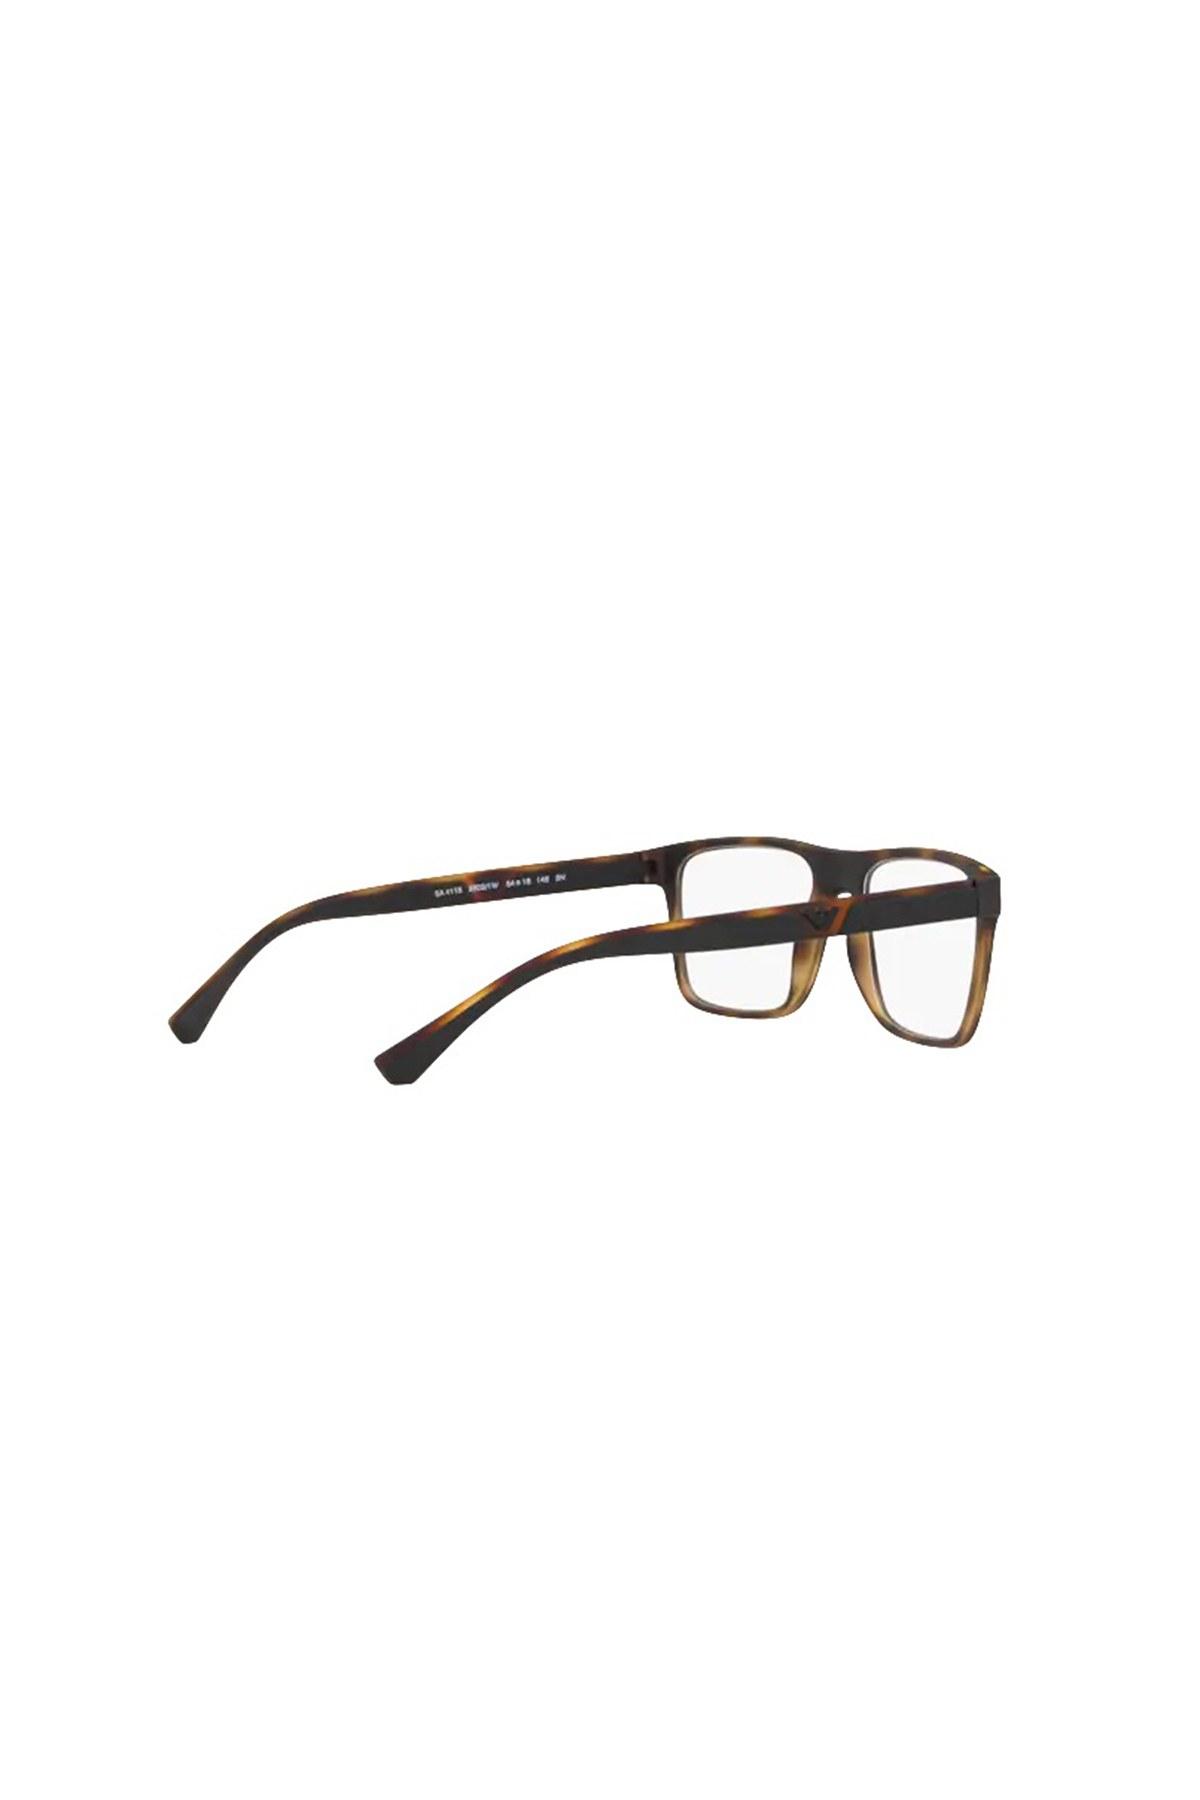 Emporio Armani Güneş Erkek Gözlük 0EA4115 58021W 54 SİYAH